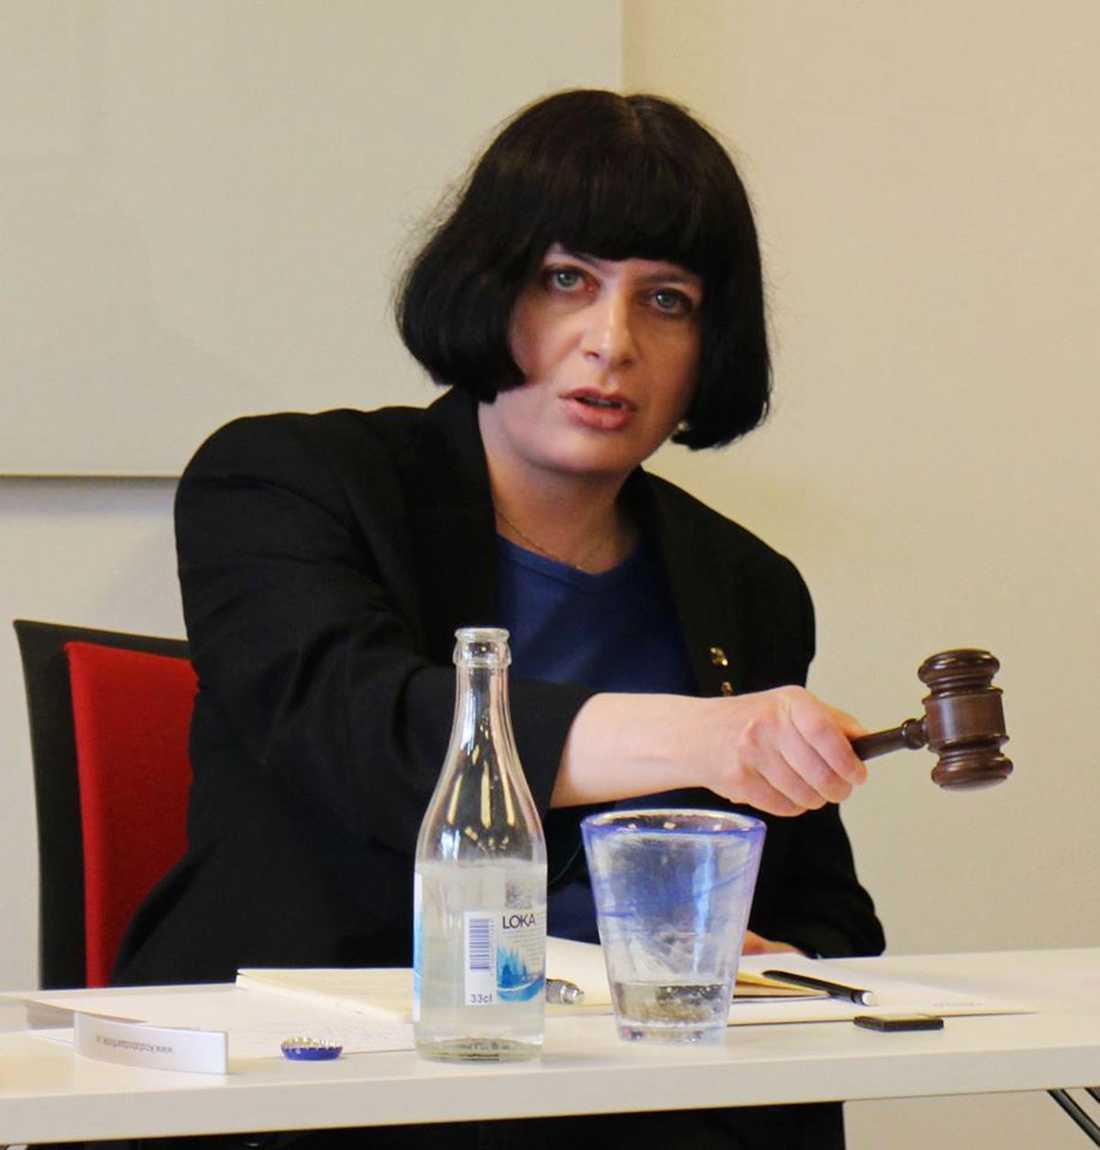 Mensas ordförande Monika Orski.